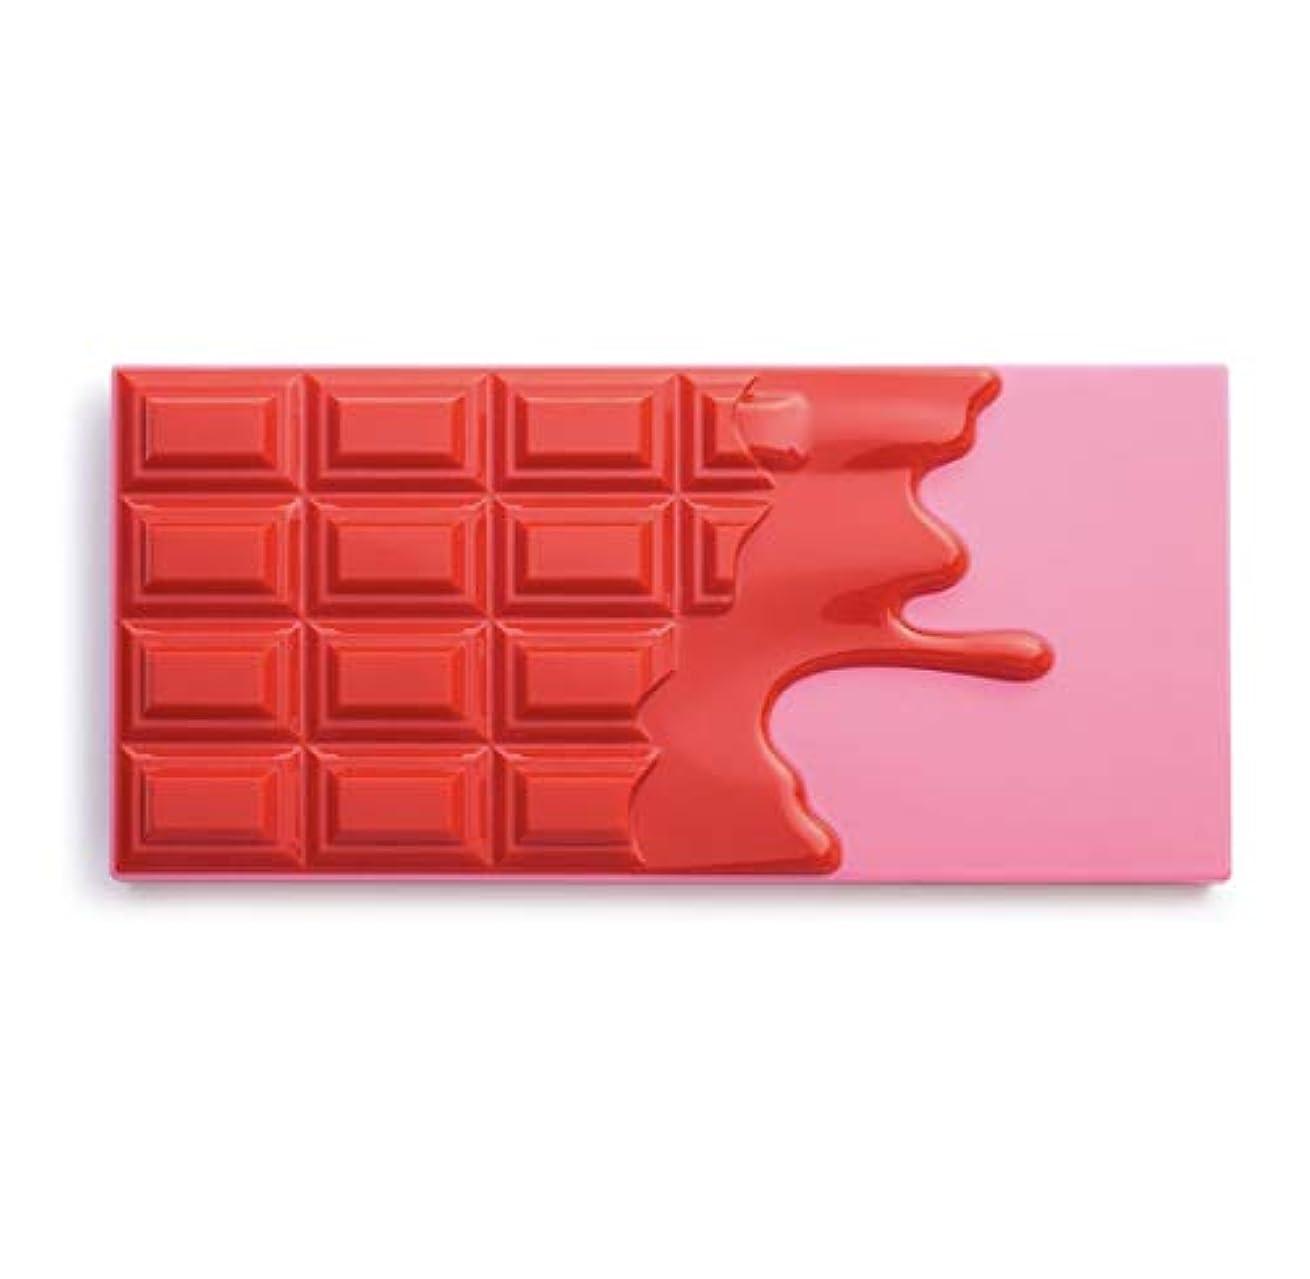 つかの間退院警報メイクアップレボリューション アイラブメイクアップ チョコレート型18色アイシャドウパレット #Cherry Chocolate